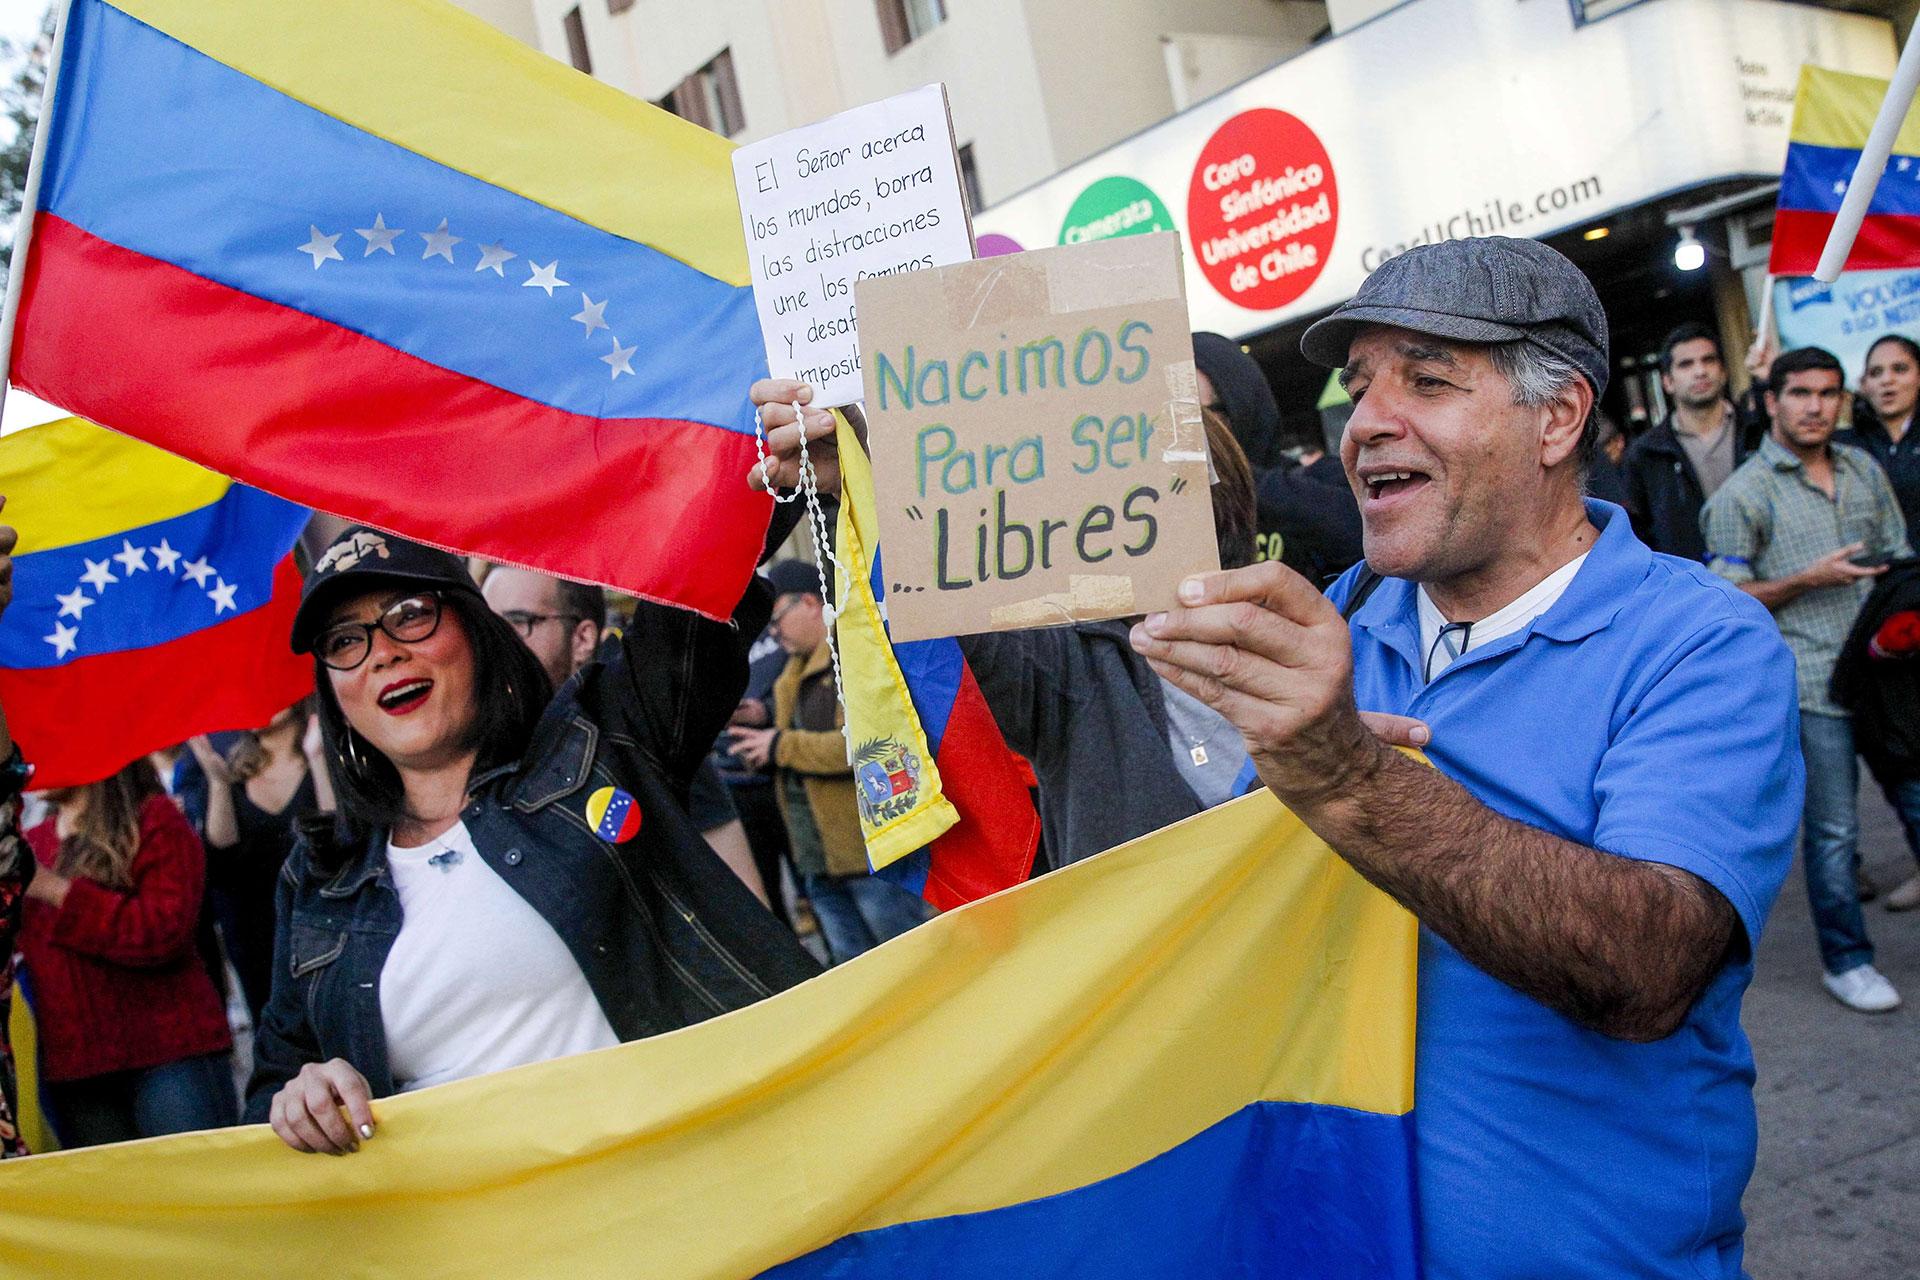 Venezolanos en Chile apoyaron al jefe del Parlamento venezolano, Juan Guaidó, reconocido por medio centenar de países como presidente interino